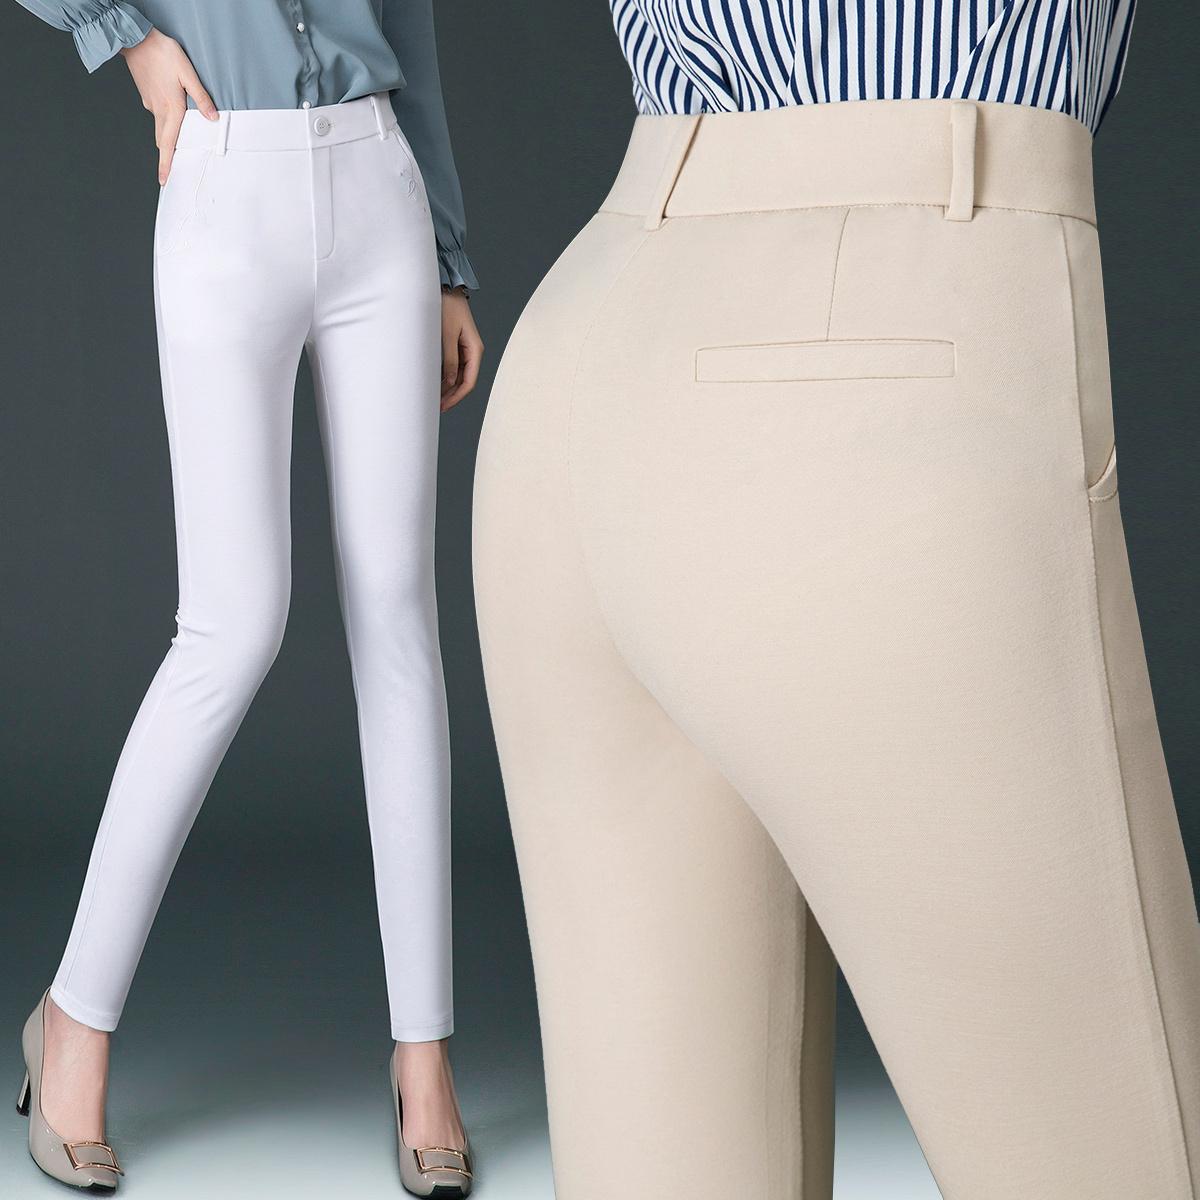 四面妈妈女裤休闲裤2019夏季薄款中年长裤小脚装高腰弹力显瘦女士